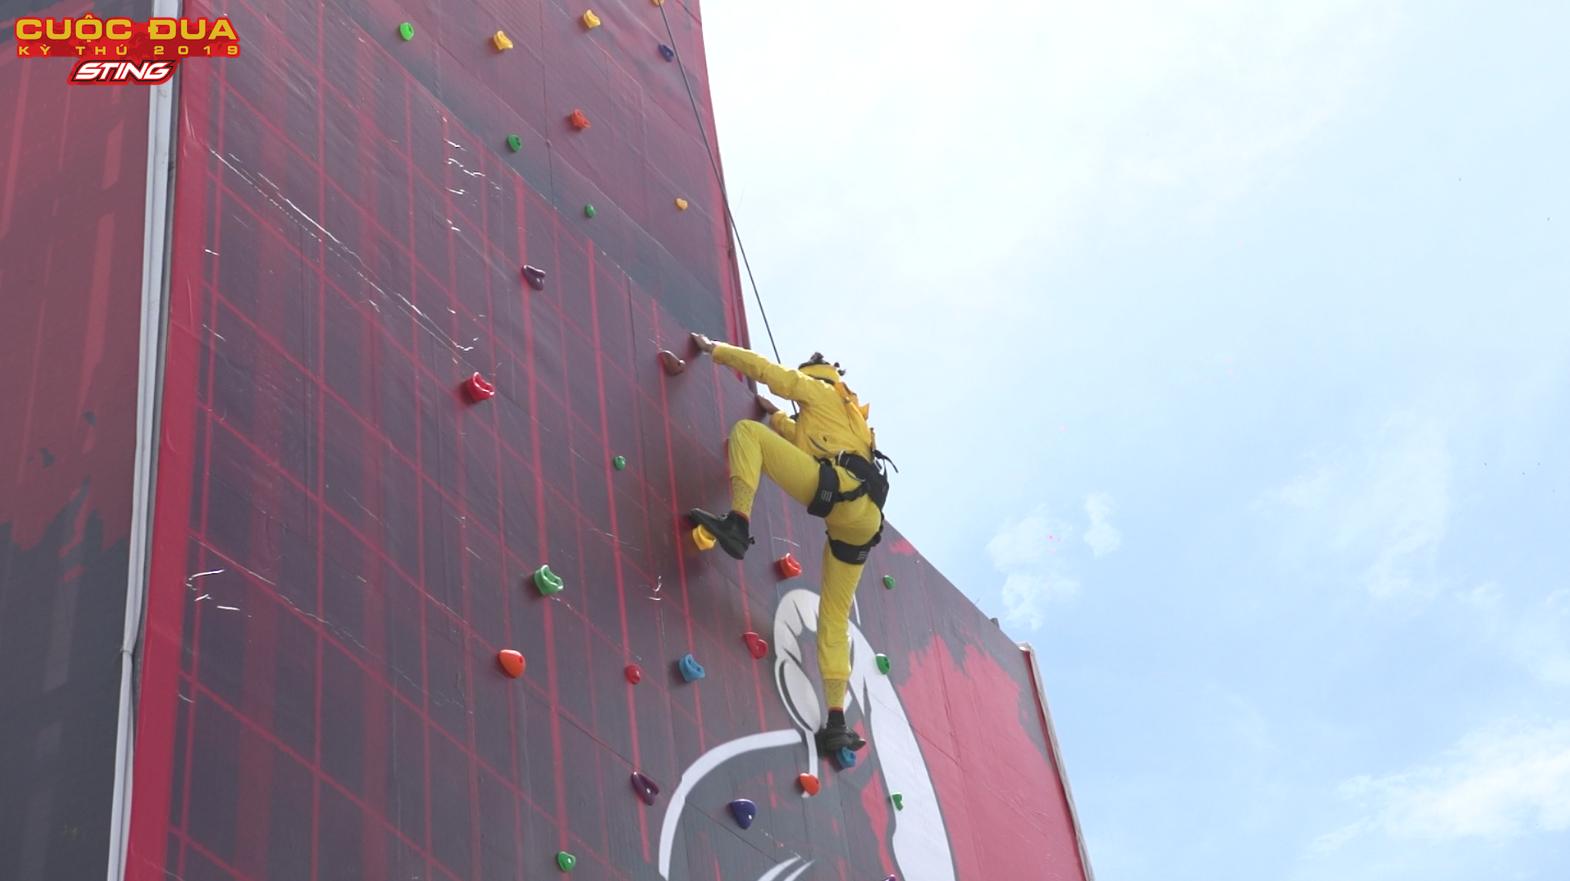 Thót tim với màn nhảy từ tòa nhà cao 12 tầng của H'Hen Niê trong tập Chung kết Cuộc đua kỳ thú 2019 - Hình 10